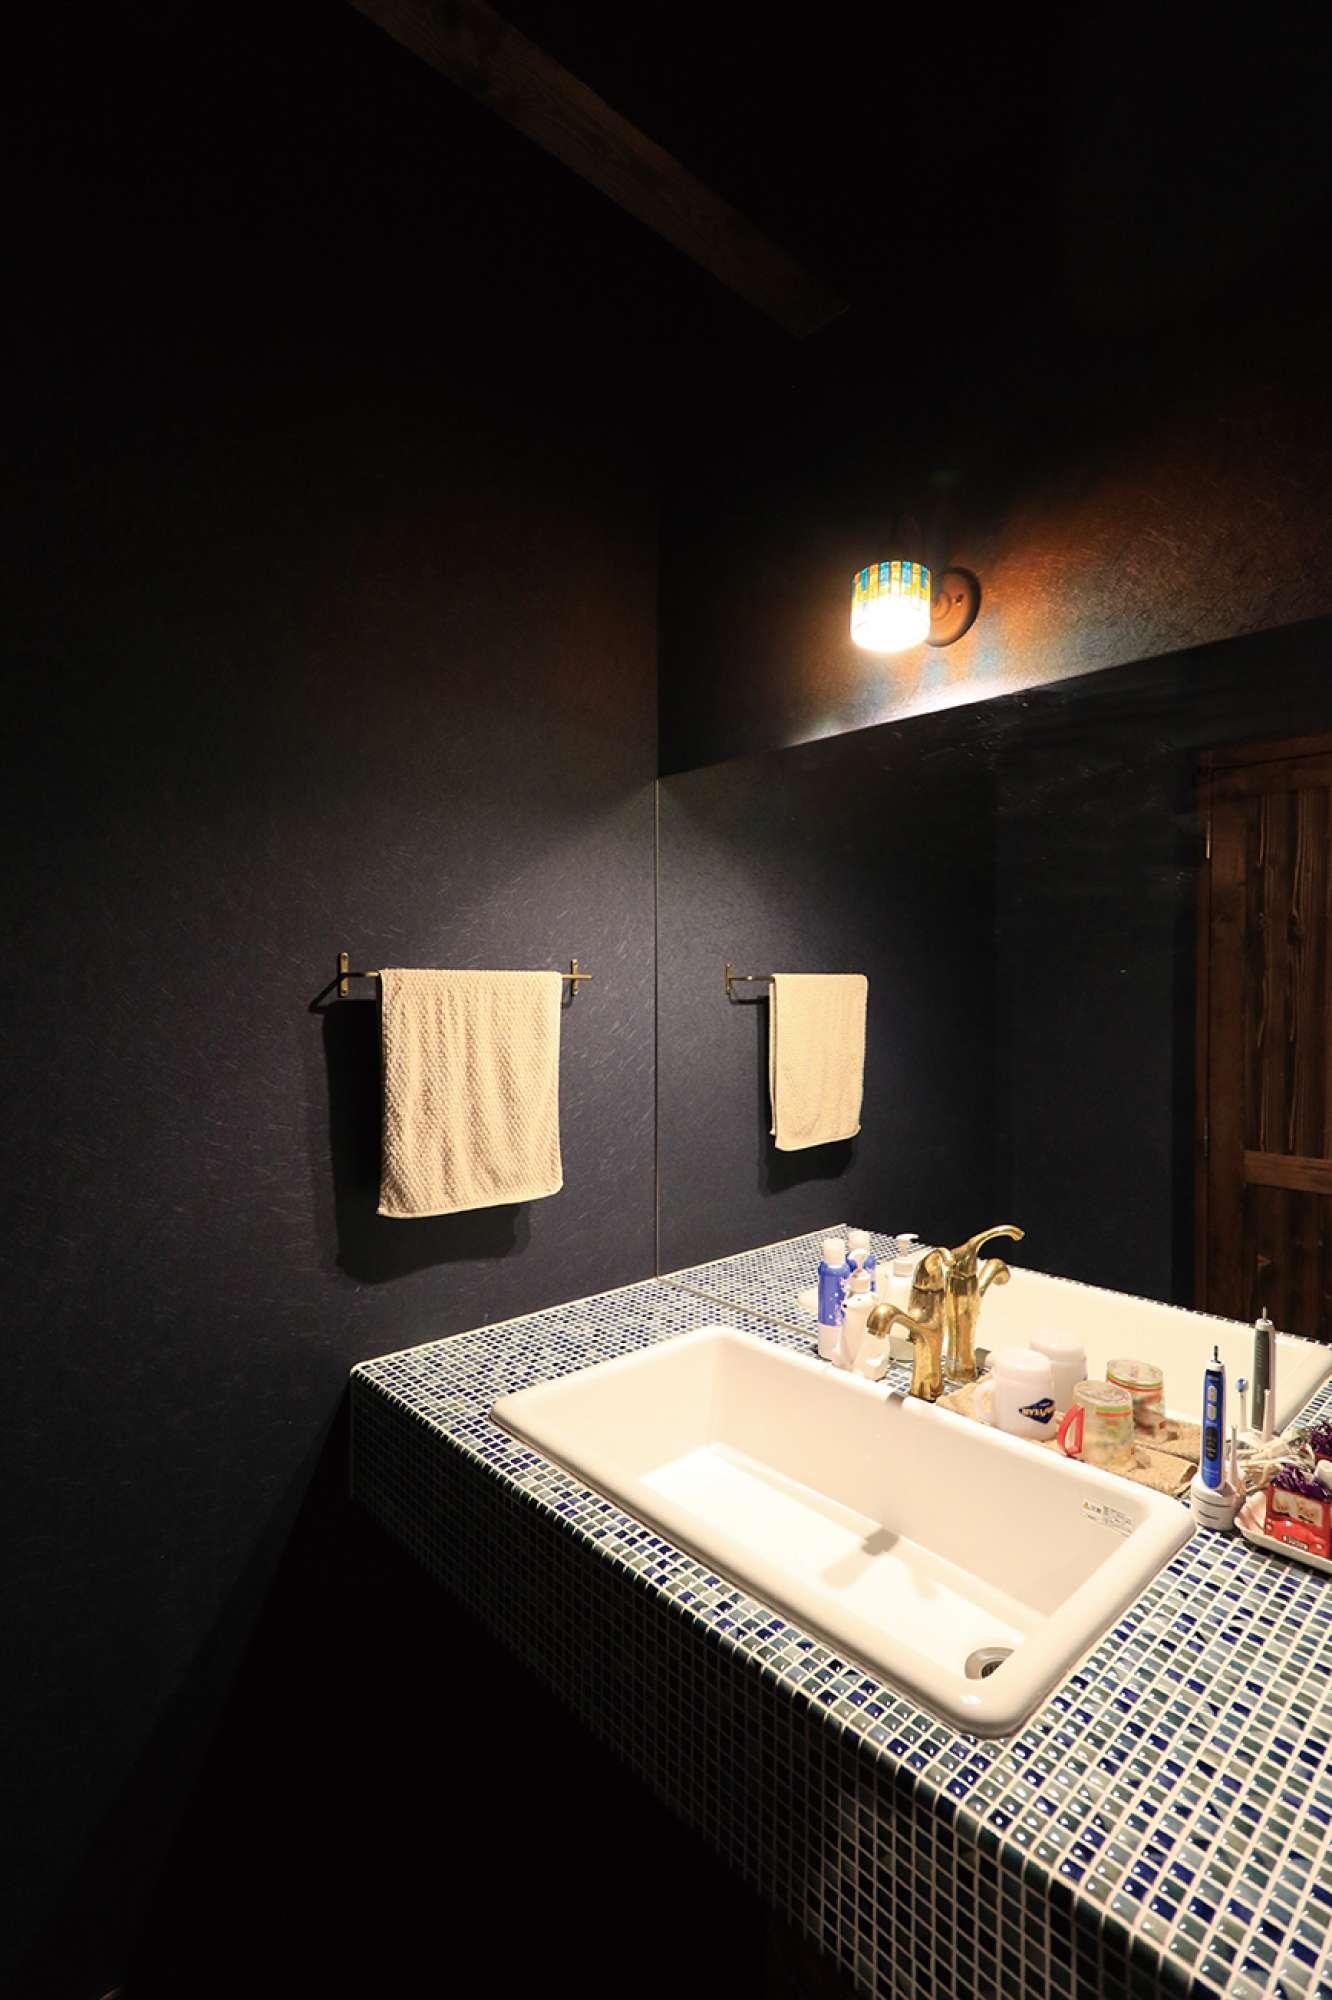 モザイクタイルの造作洗面化粧台。黒い壁とカランもハイセンス -  -  -